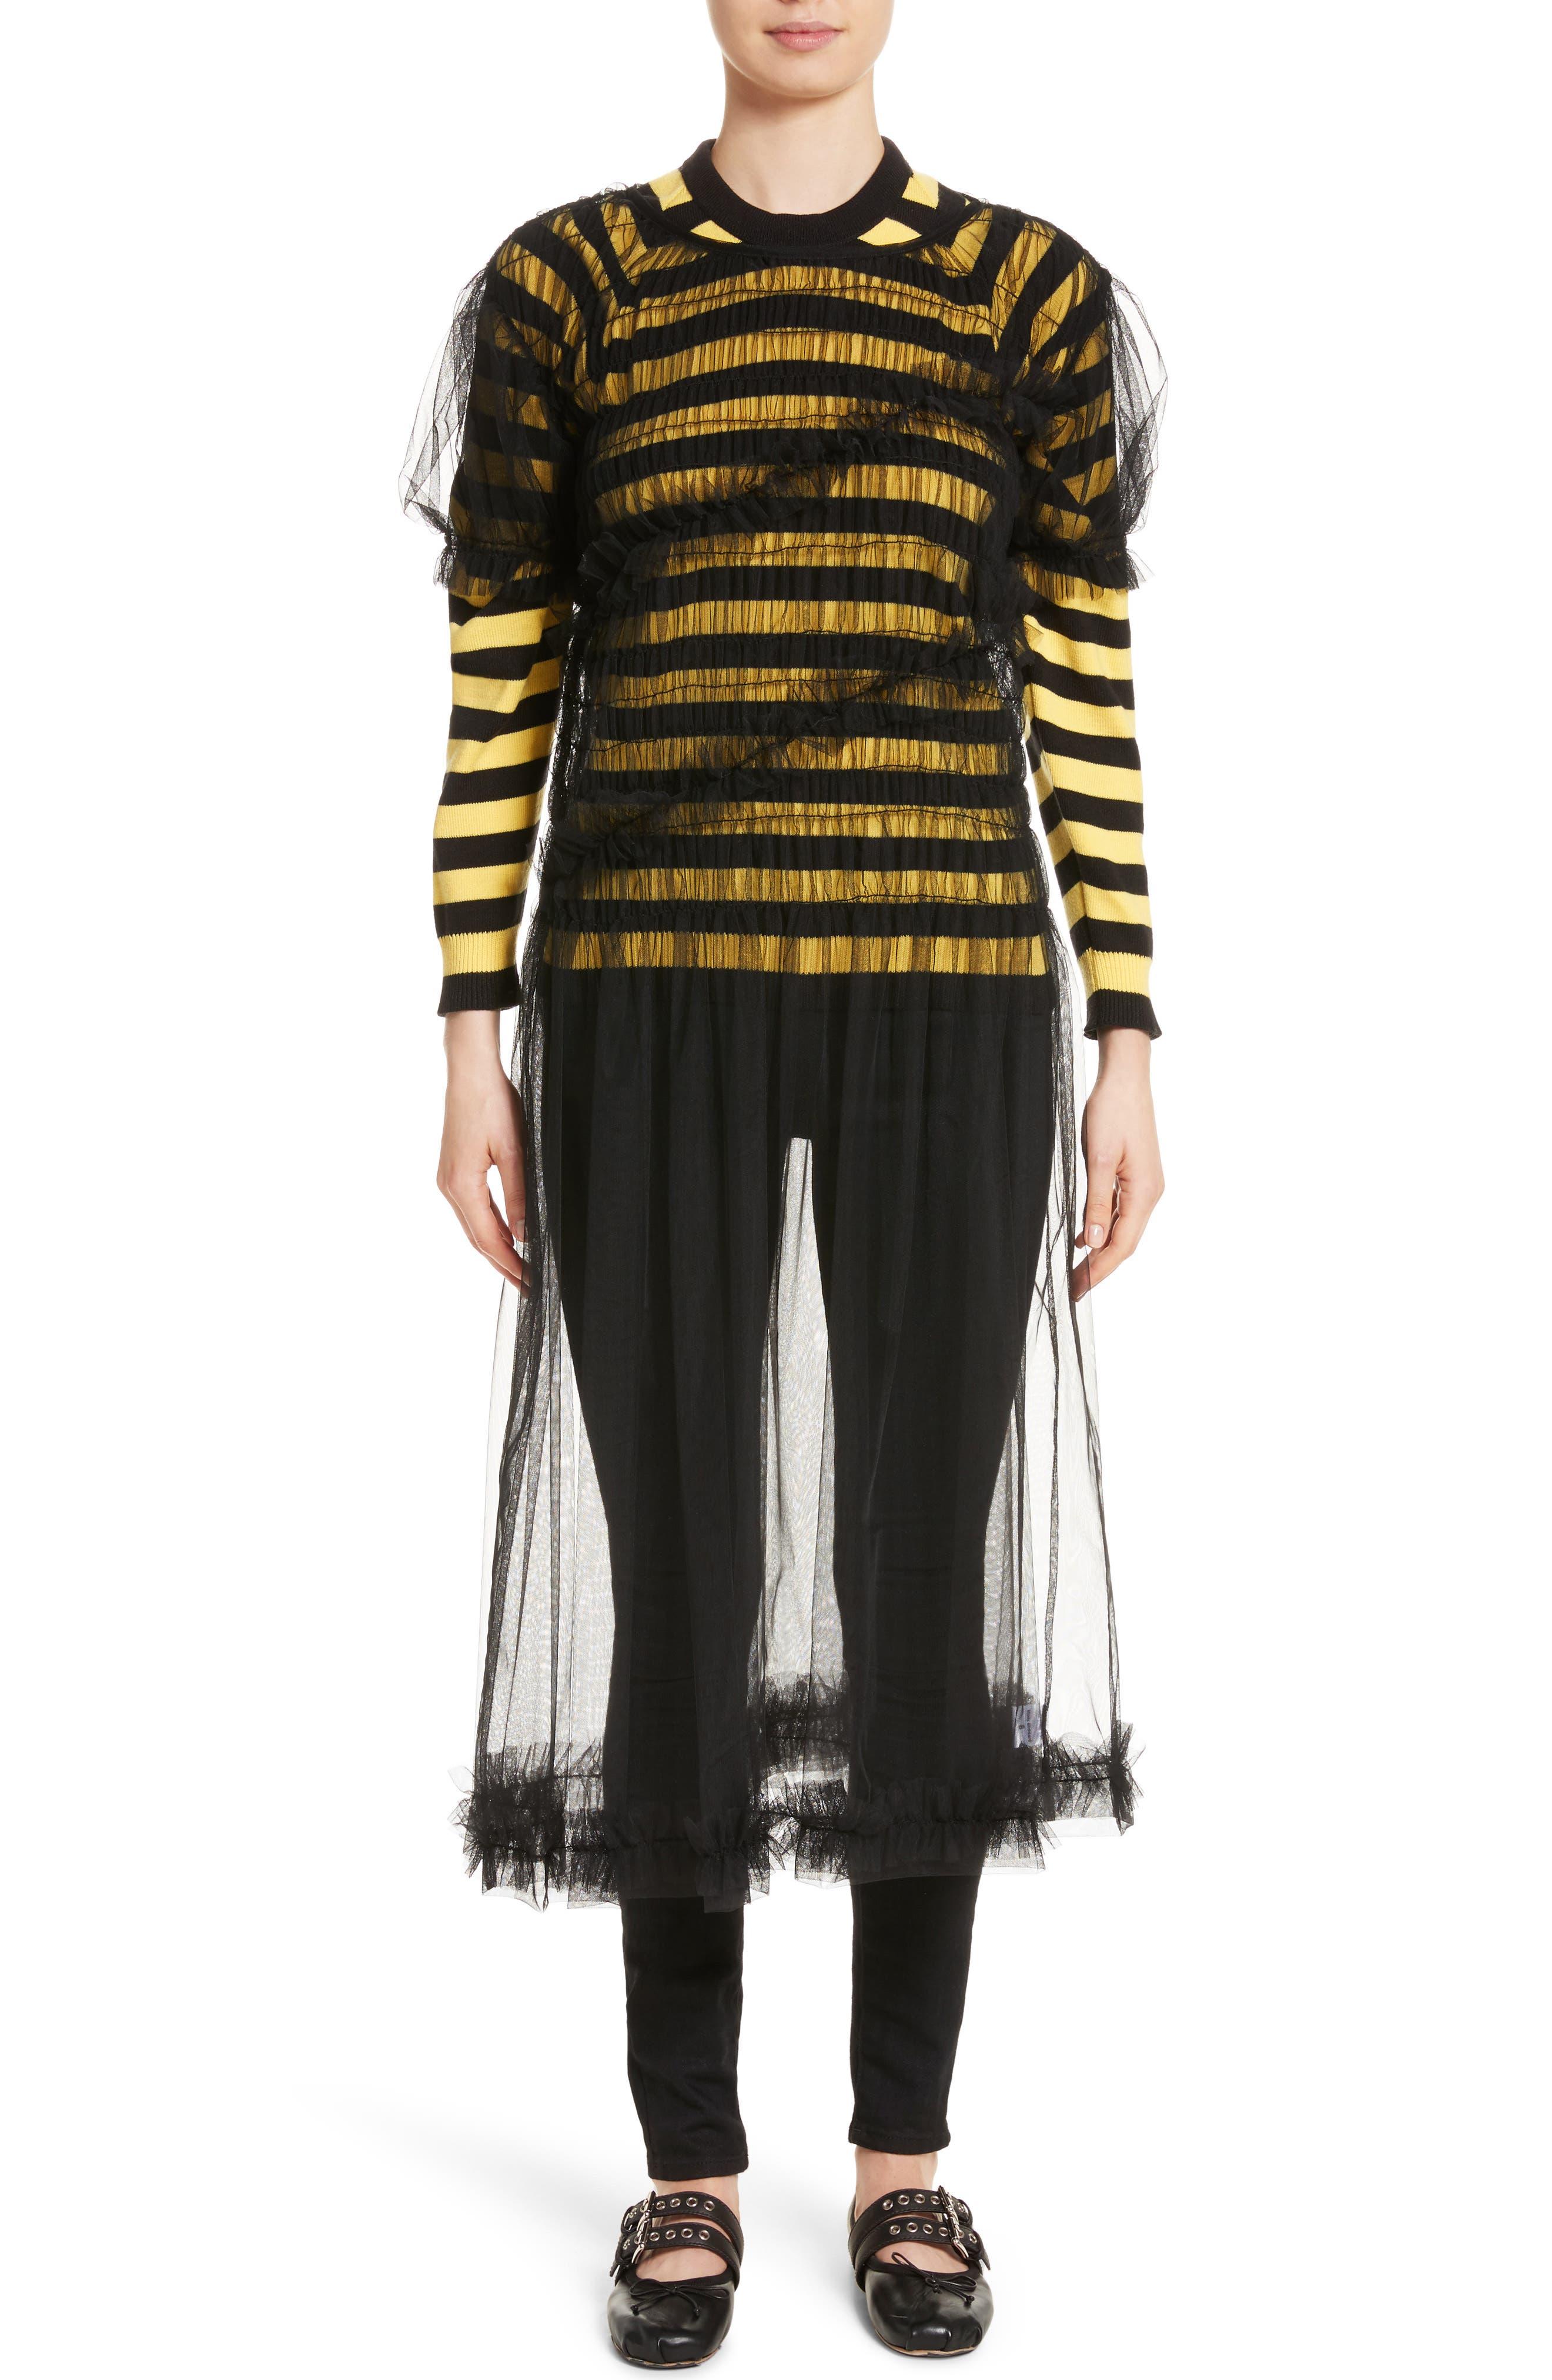 Alternate Image 1 Selected - Molly Goddard Emily Tulle Dress